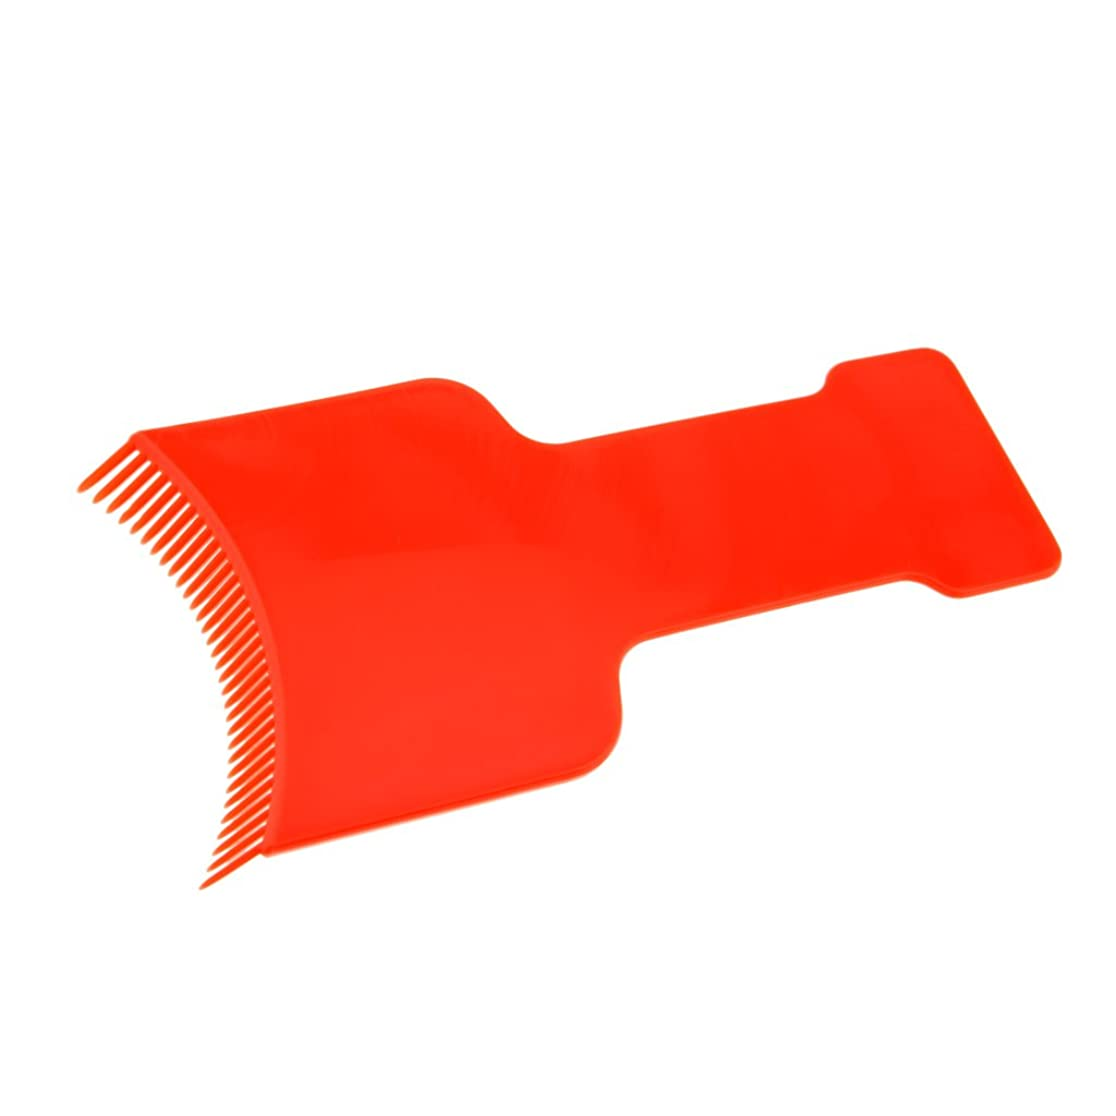 溶かす匹敵します耳ヘアダイコーム ヘアダイブラシ 染色ボード 理髪店 美容院 アクセサリー 便利